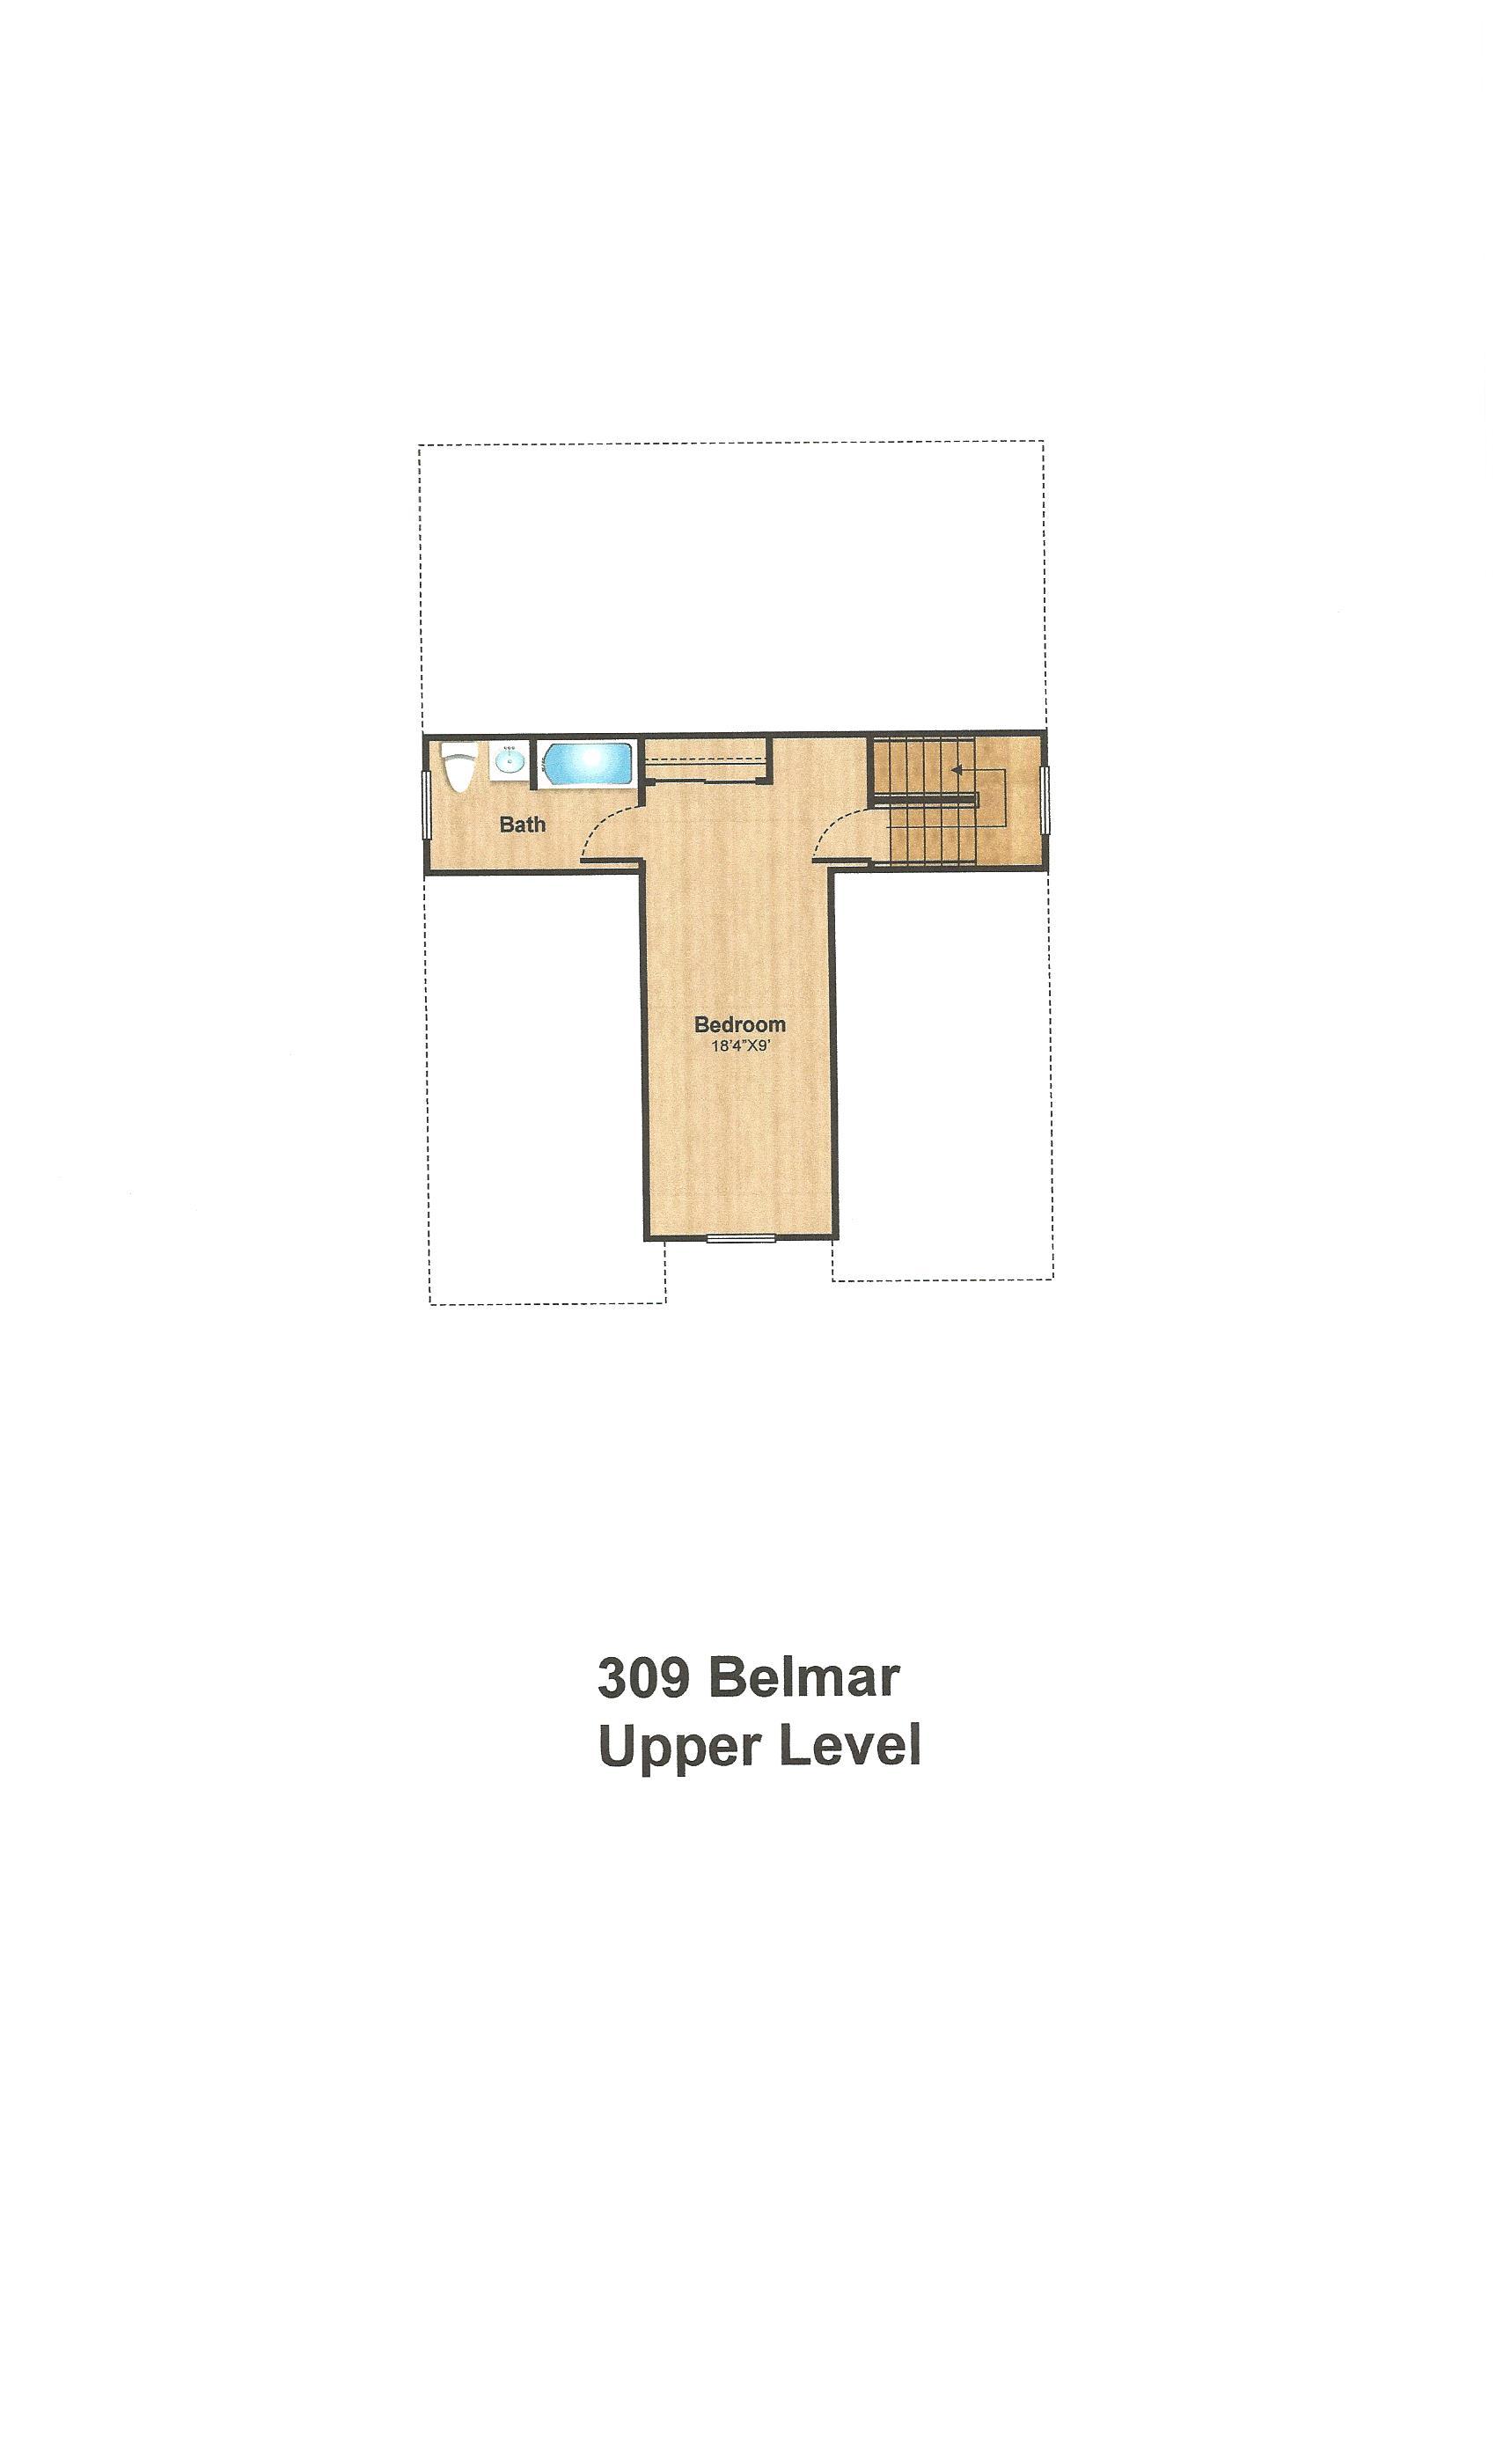 309 belmar third floor